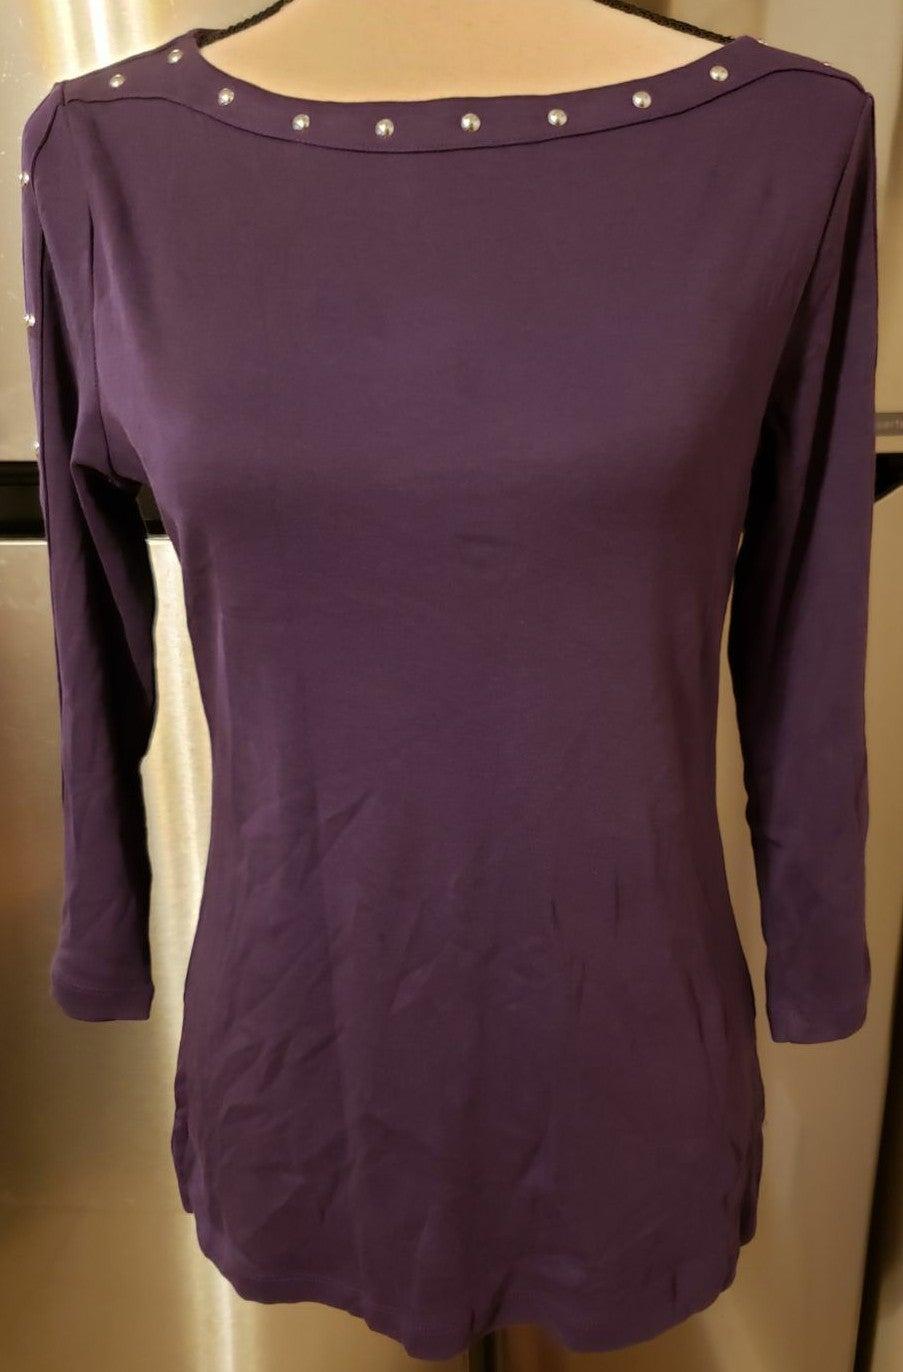 Karen Scott 3/4 sleeve top